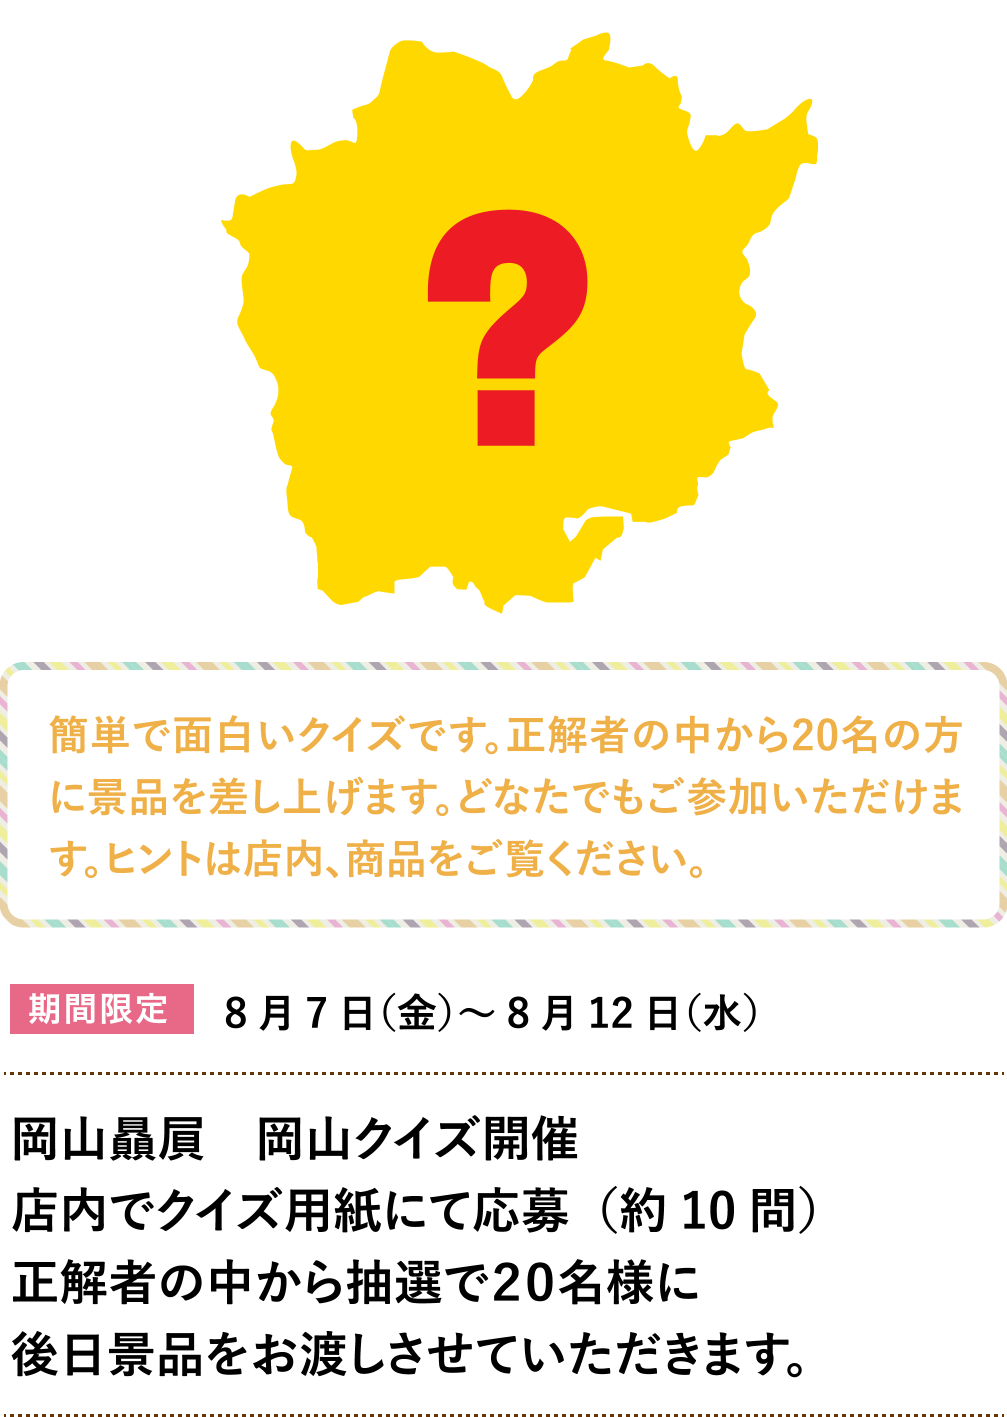 岡山贔屓 岡山クイズ開催 店内でクイズ用紙にて応募(約10問)正解者の中から抽選で20名様に後日景品をお渡しさせていただきます。